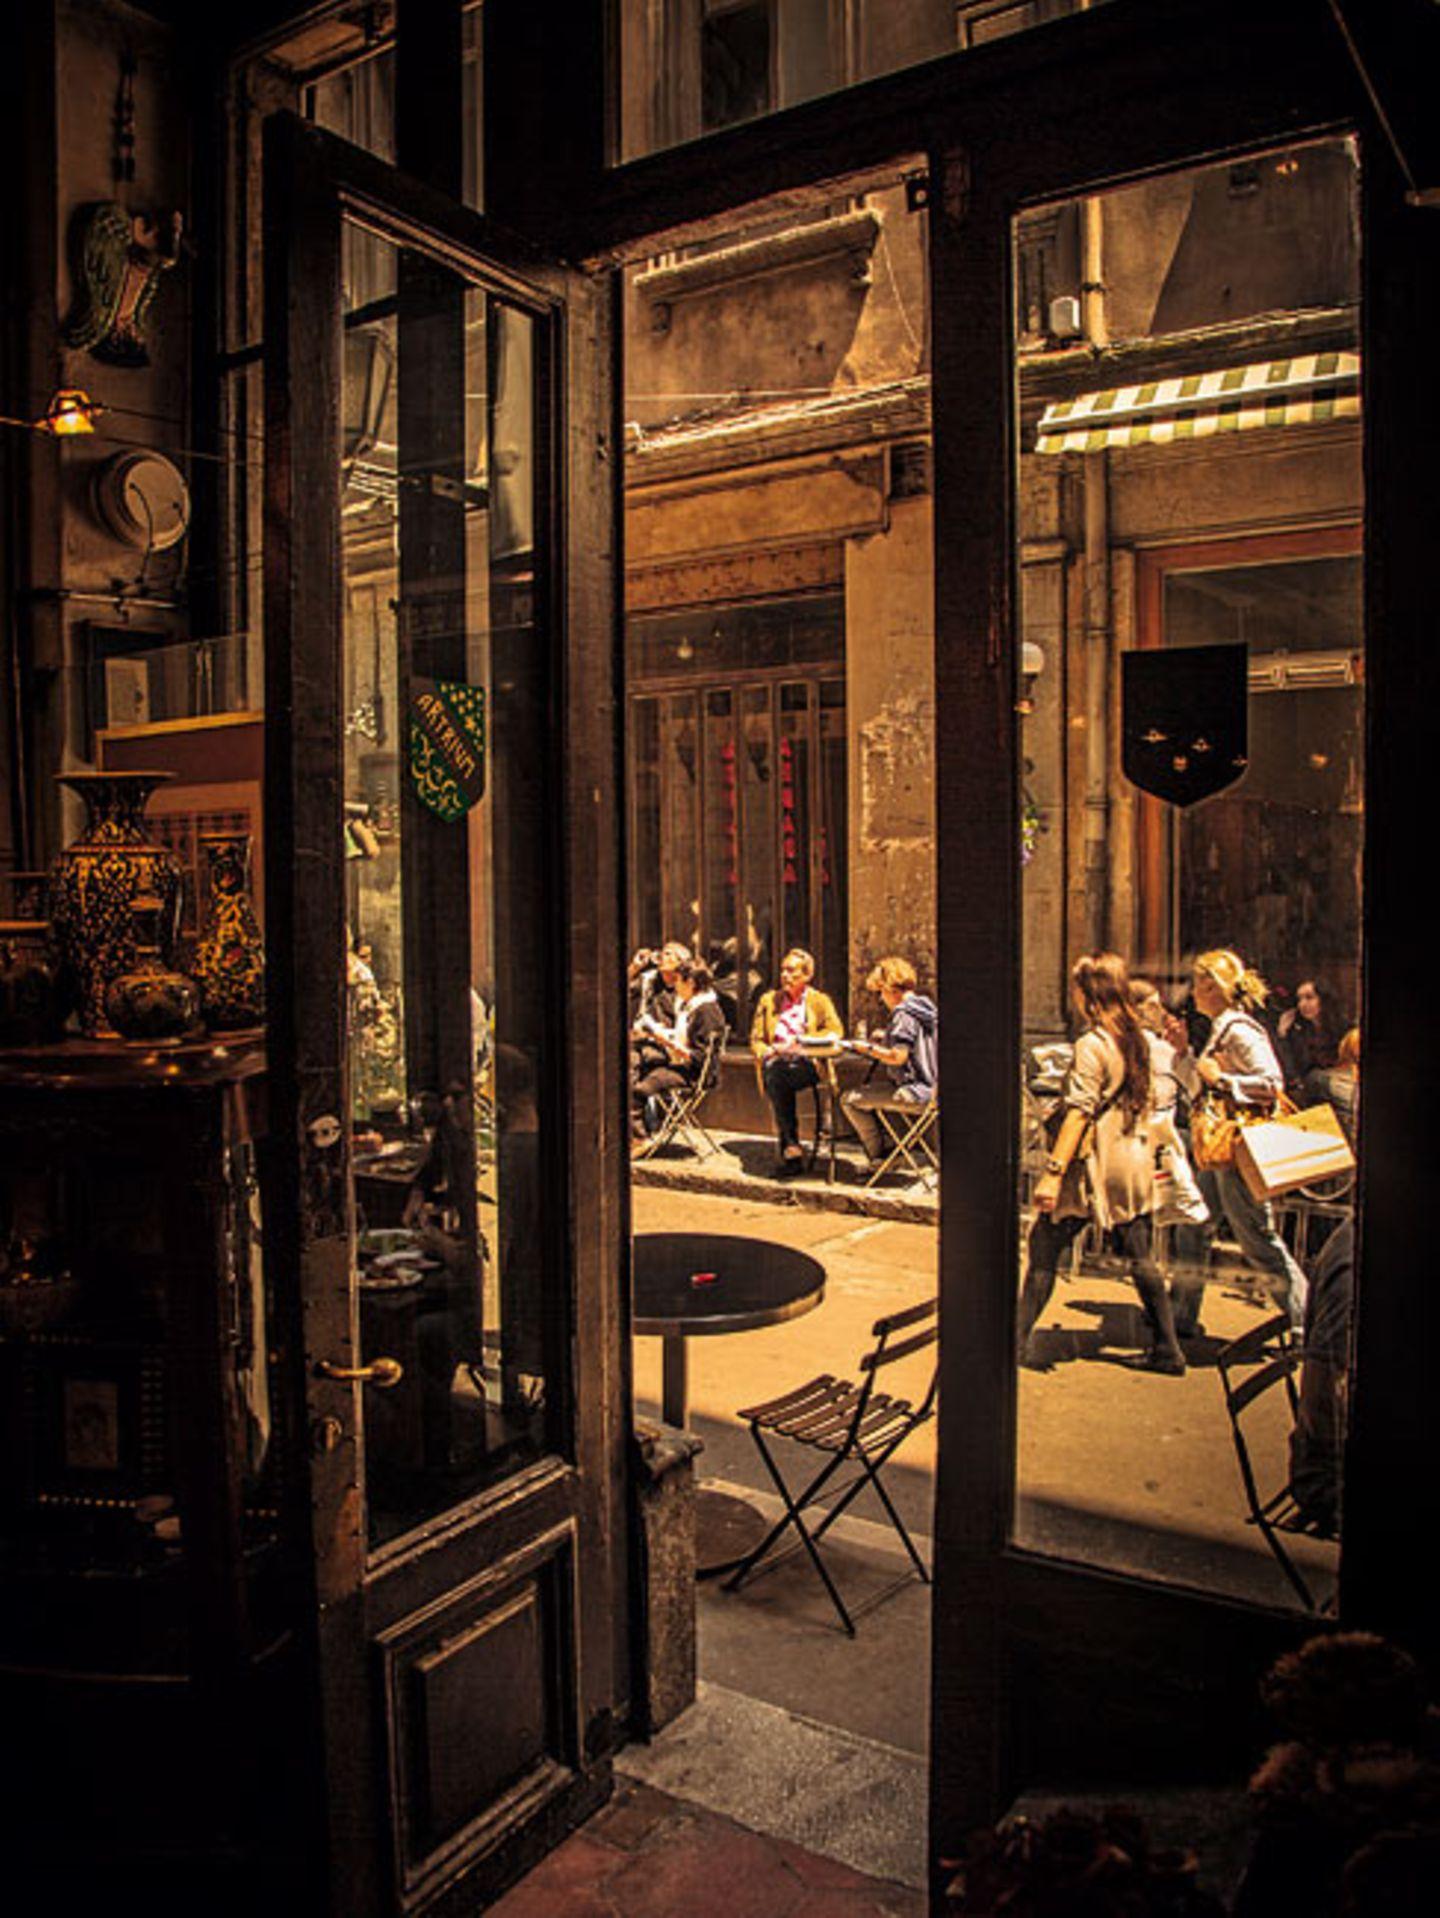 Fotogalerie: Istanbul - Stadt als Achterbahn - Bild 2